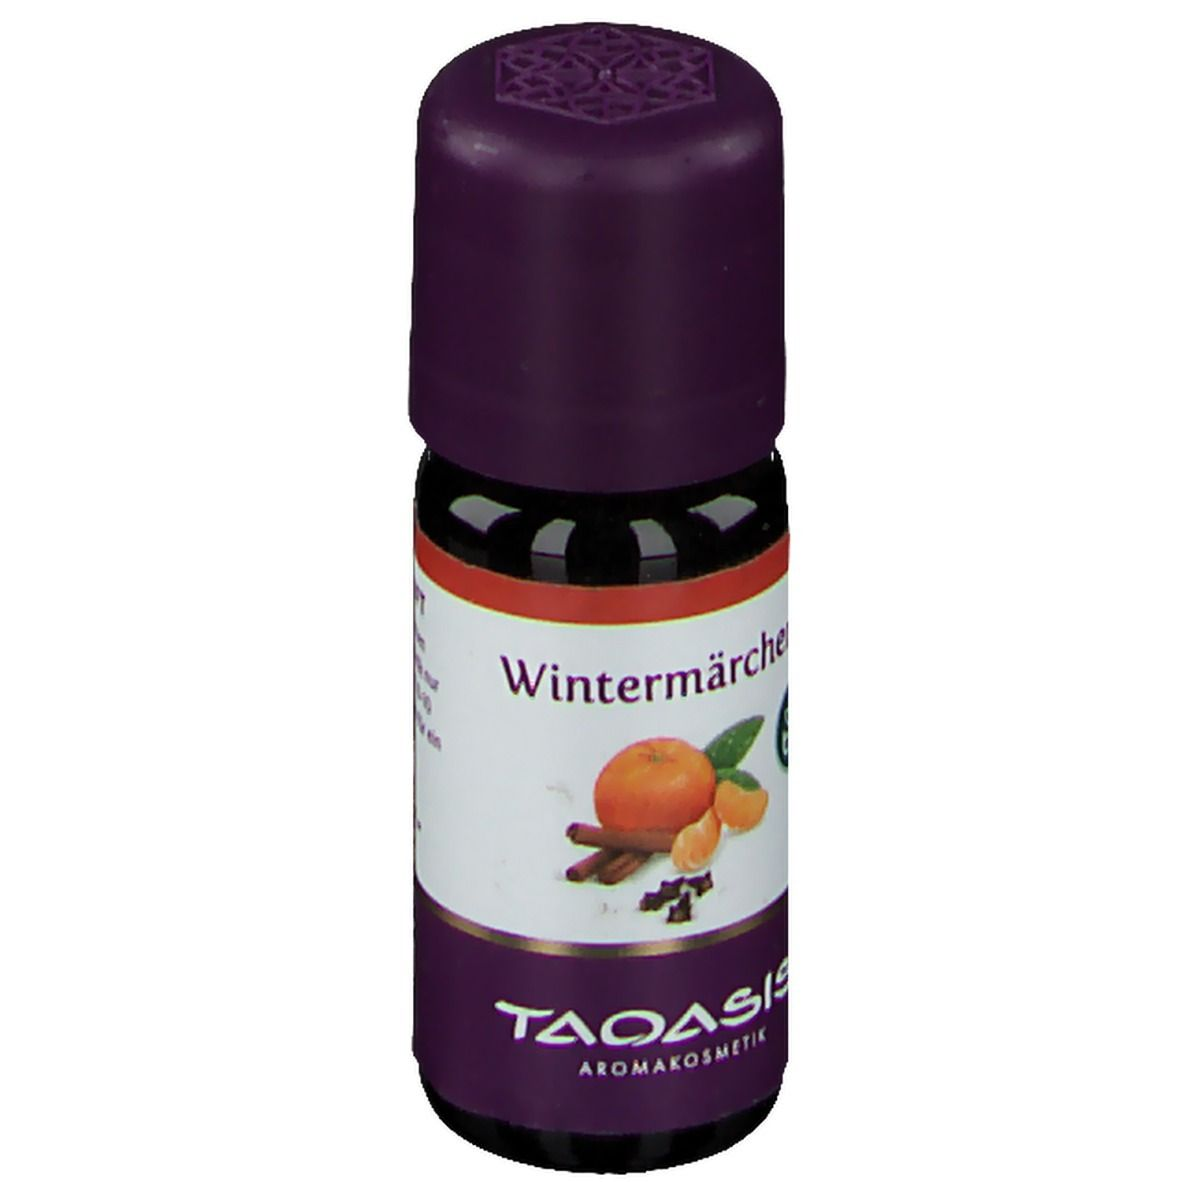 TAOASIS® Wintermärchen Öl